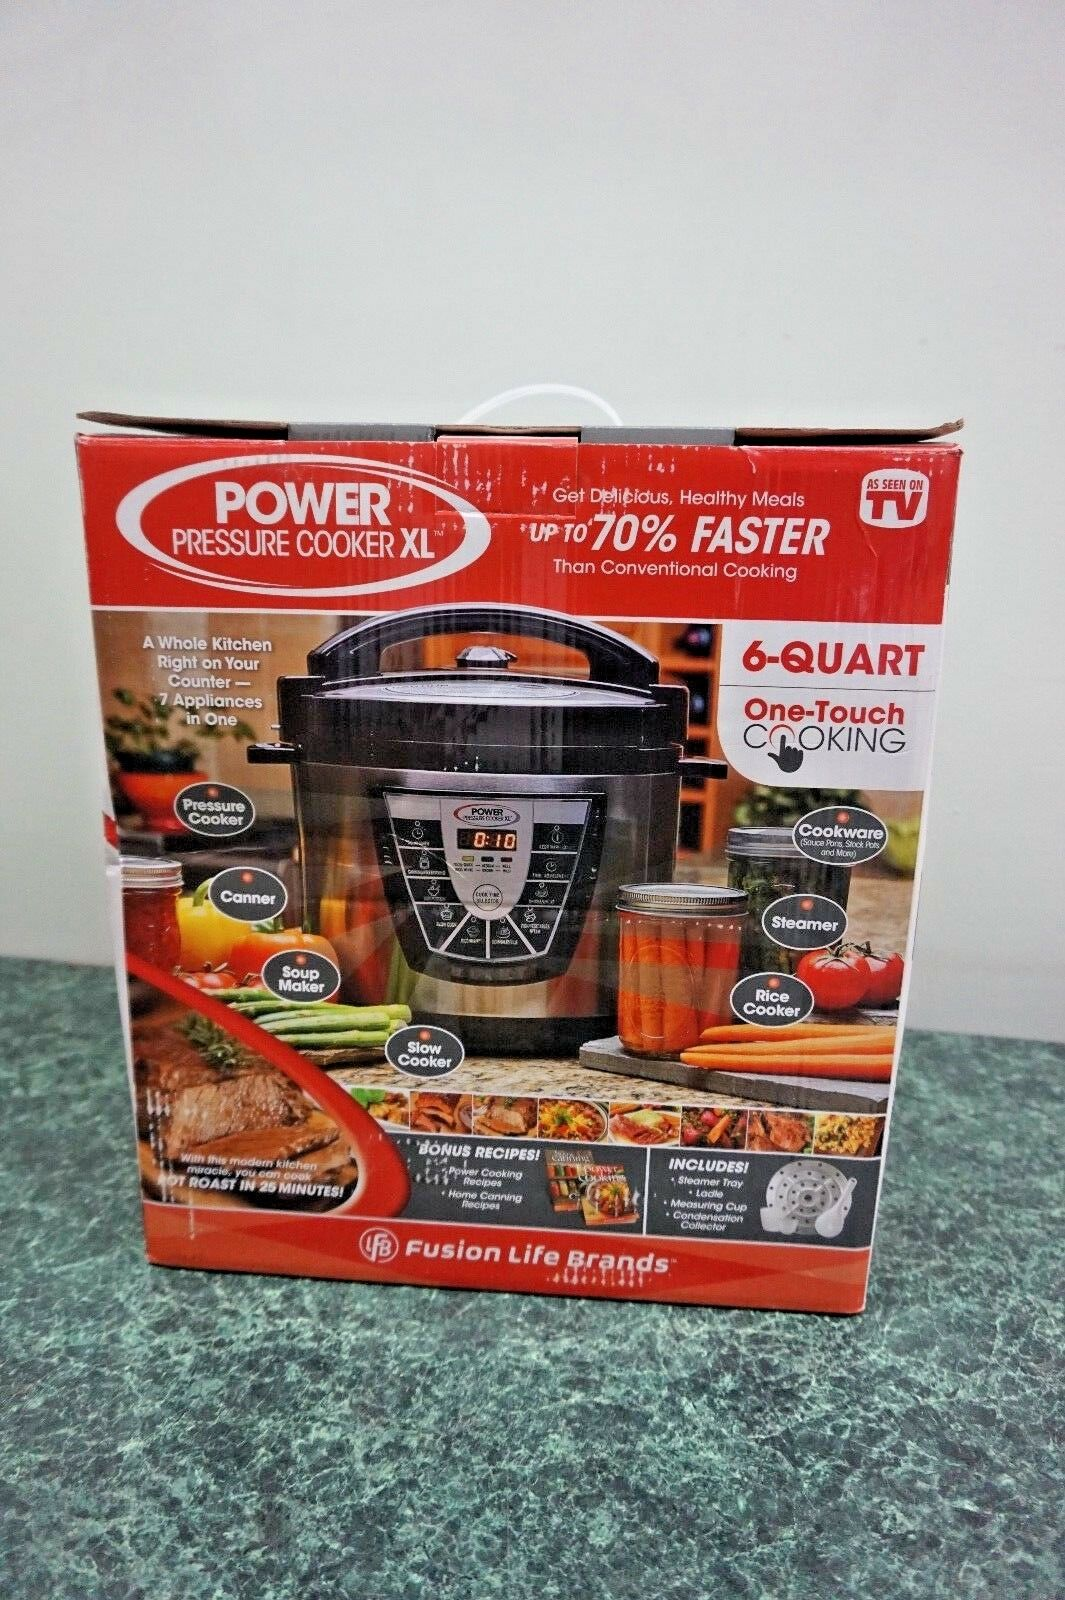 Power Autocuiseur XL 6 Qt Fusion Life Brands 7 appareils dans un